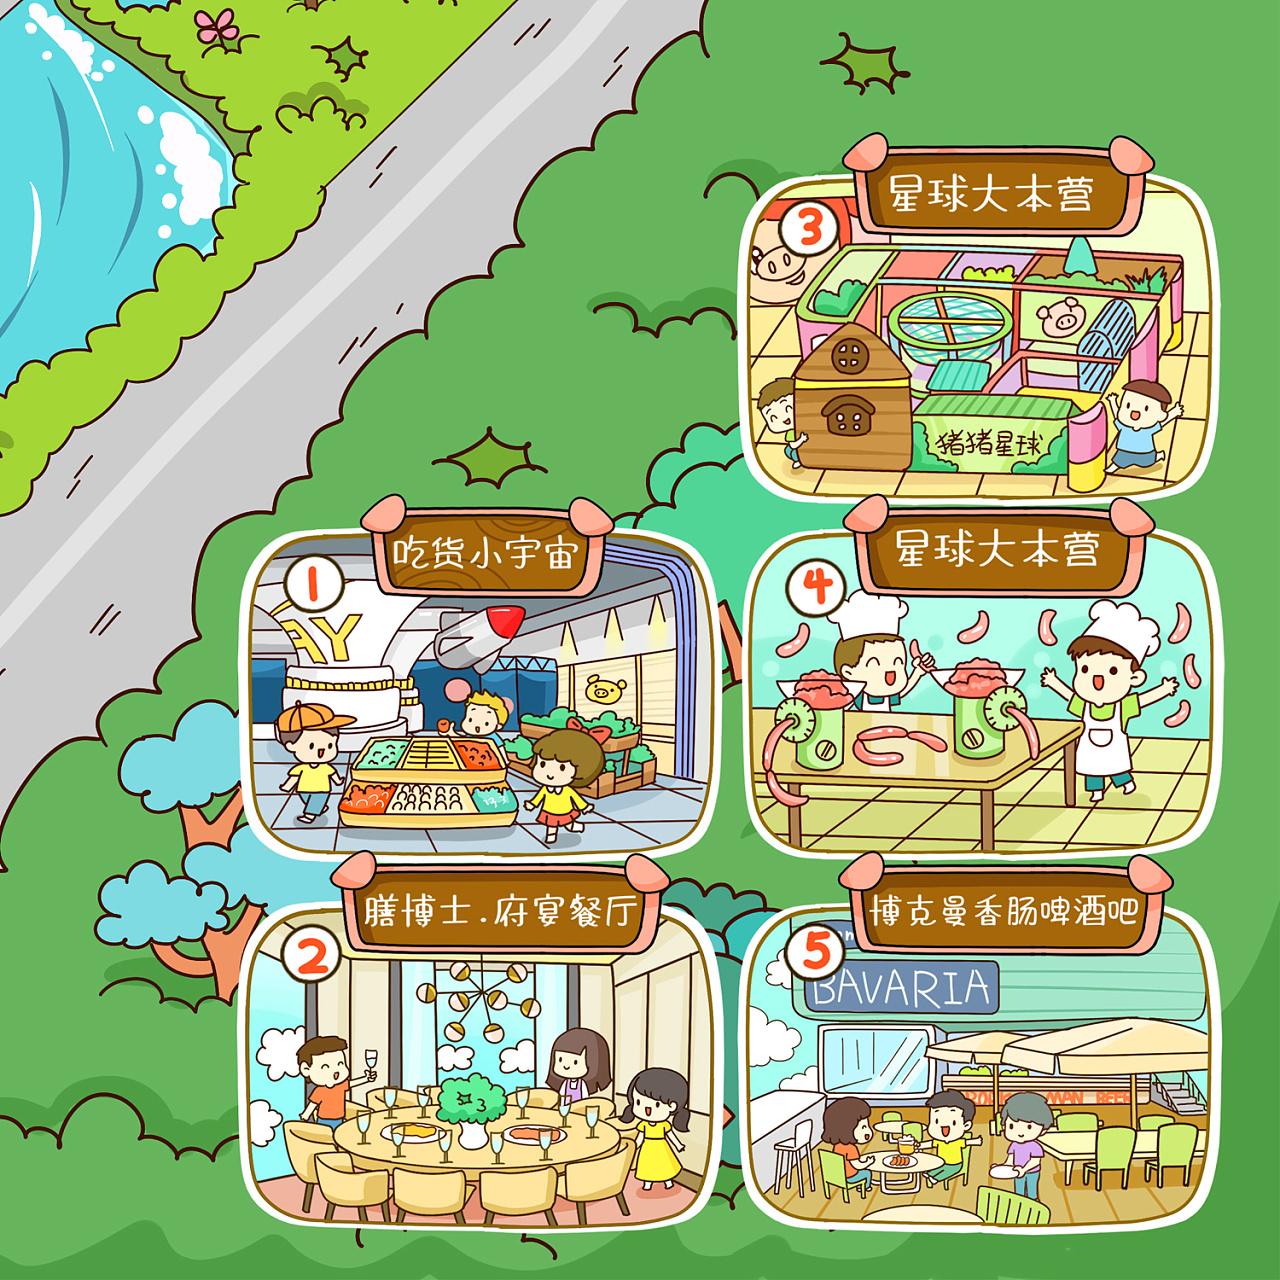 游乐场手绘地图插画